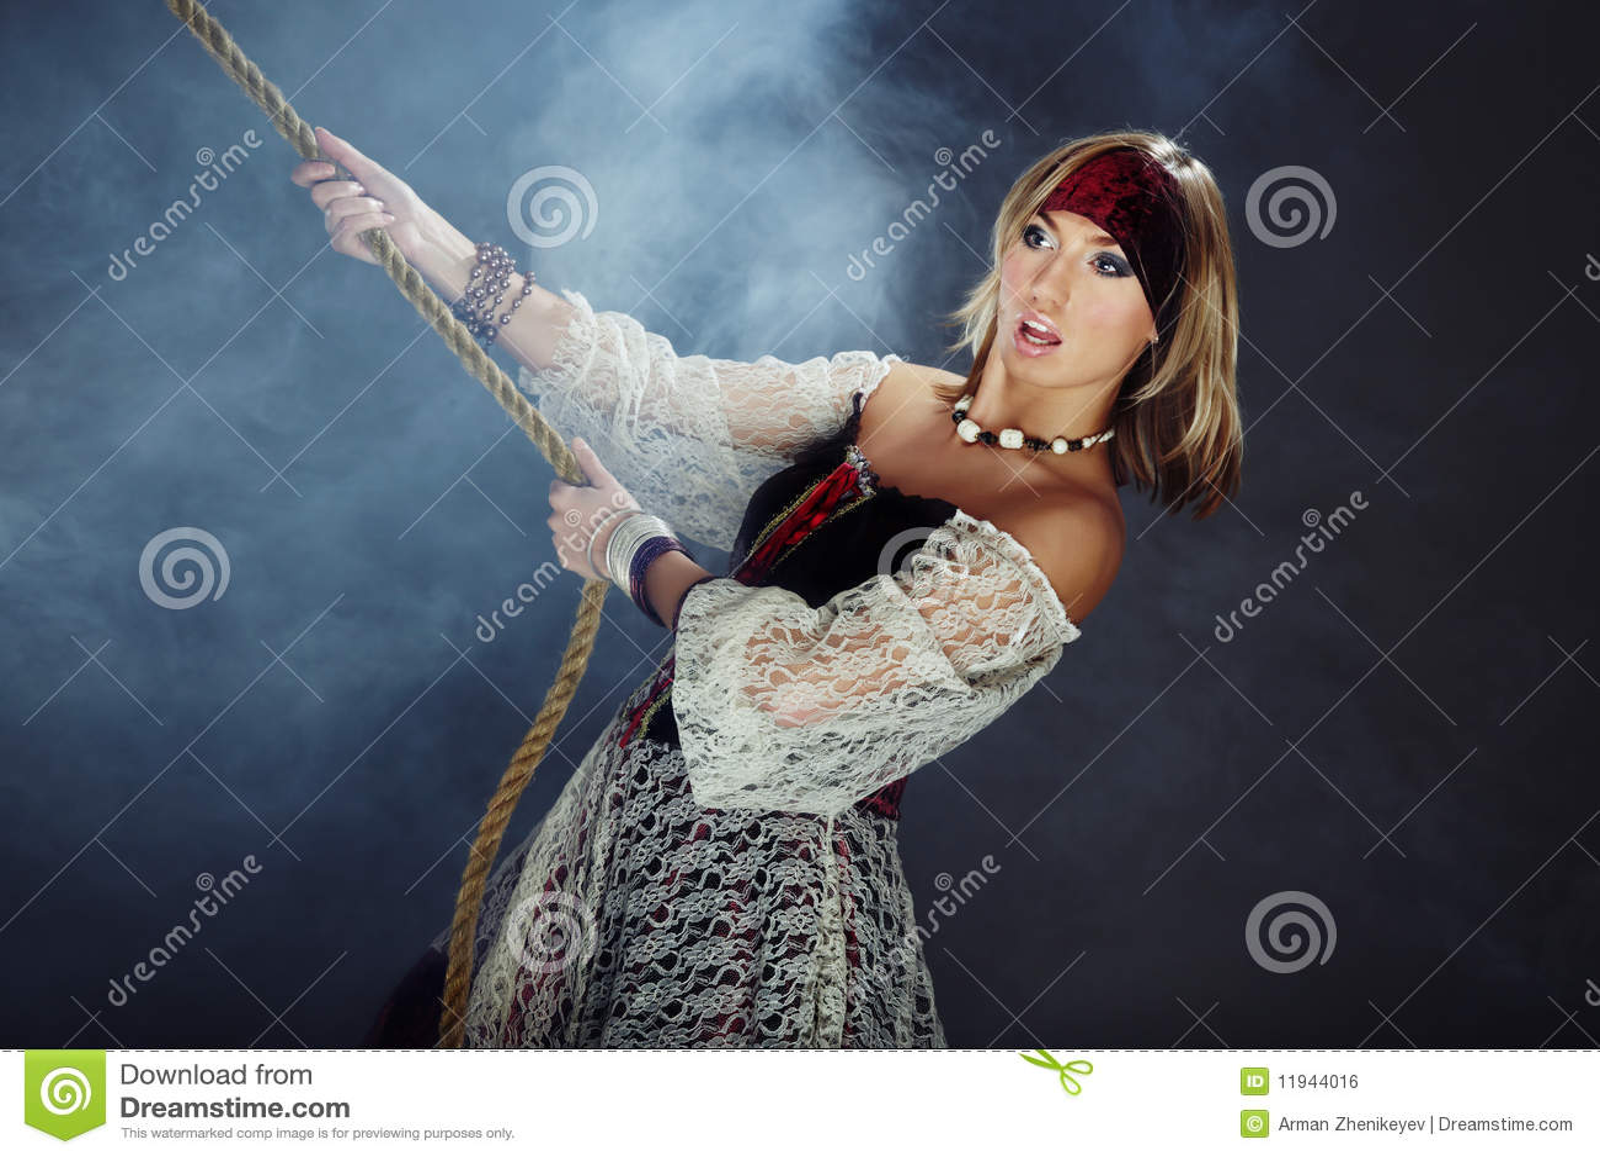 Female corsair